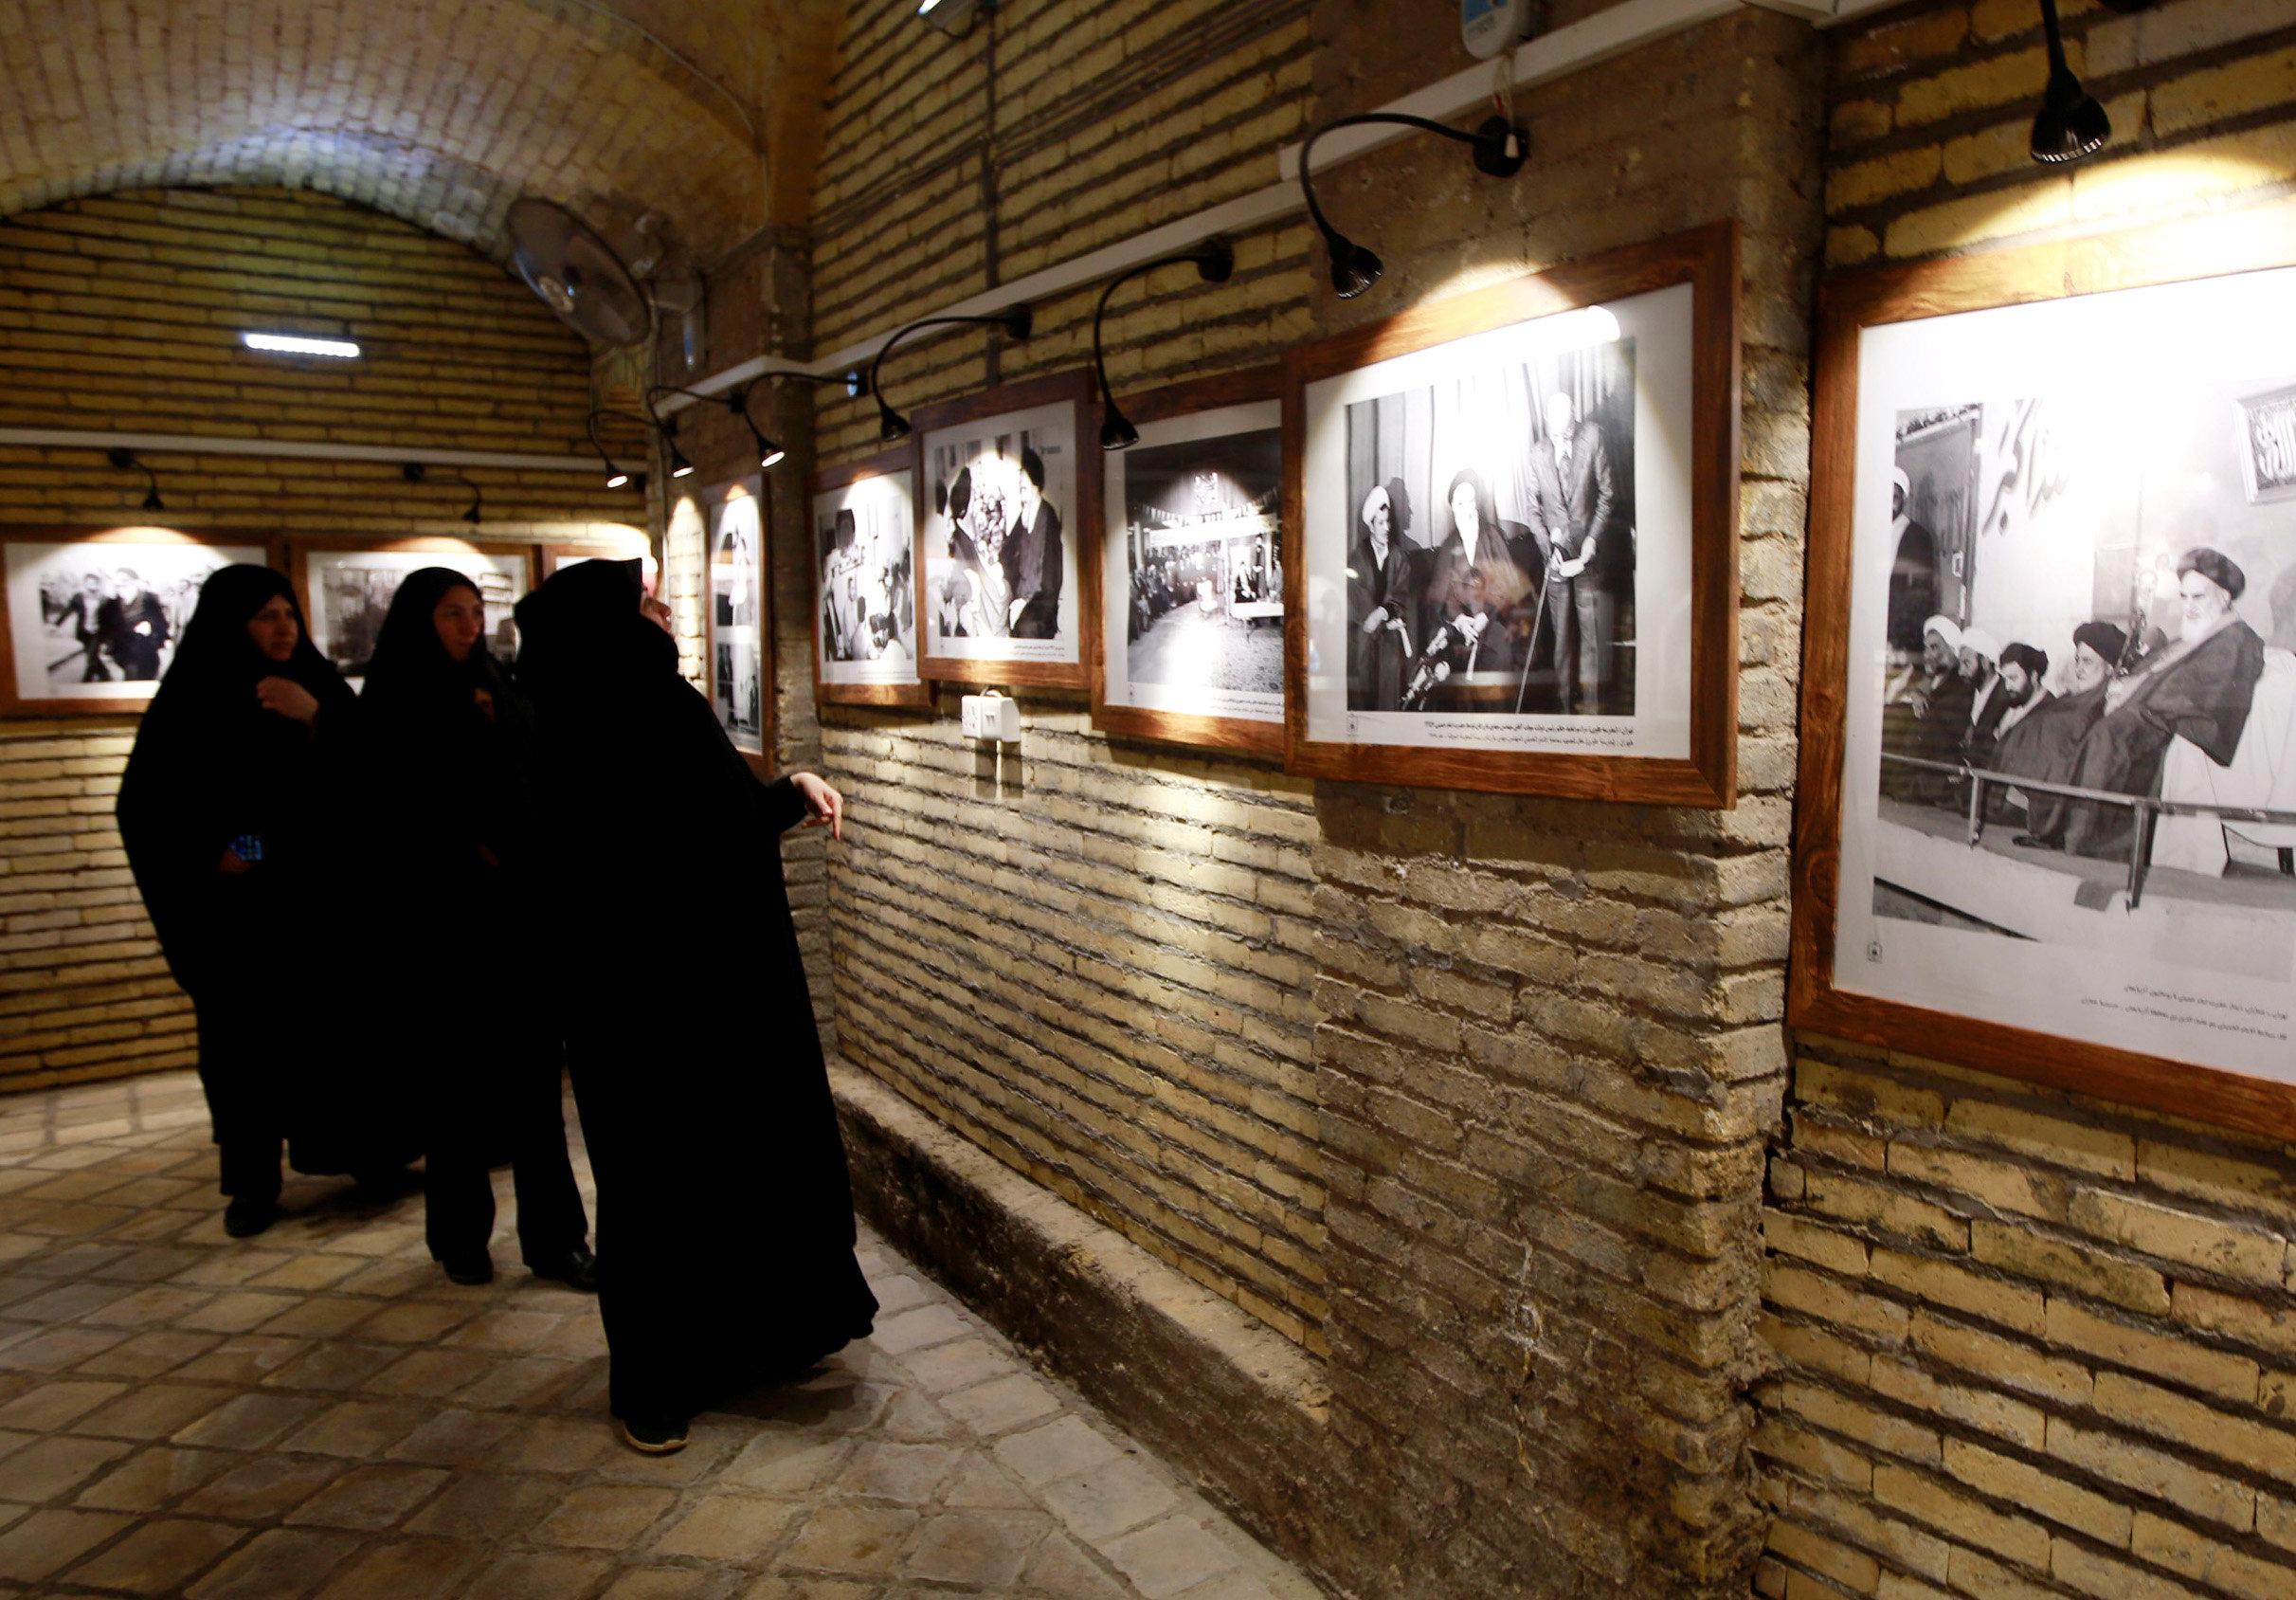 إيرانيات يتفقدن الصورة المتواجدة بمنزل الخمينى